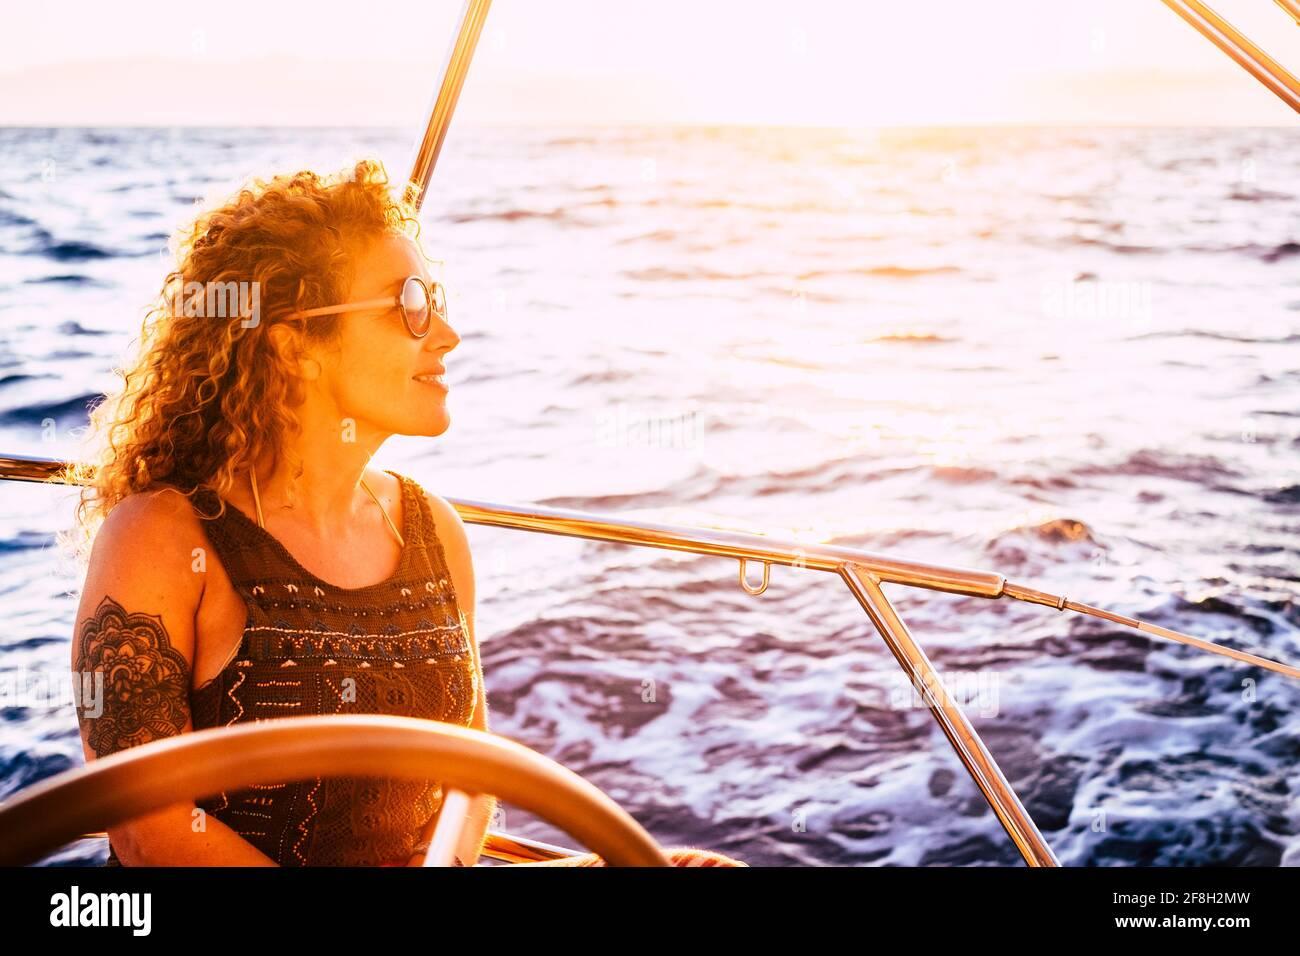 Joyeux portrait de femme de race blanche moderne et tendance profiter de voyage et excursion en voilier en été vacances loisirs activité - l'homme et la nature - fe Banque D'Images